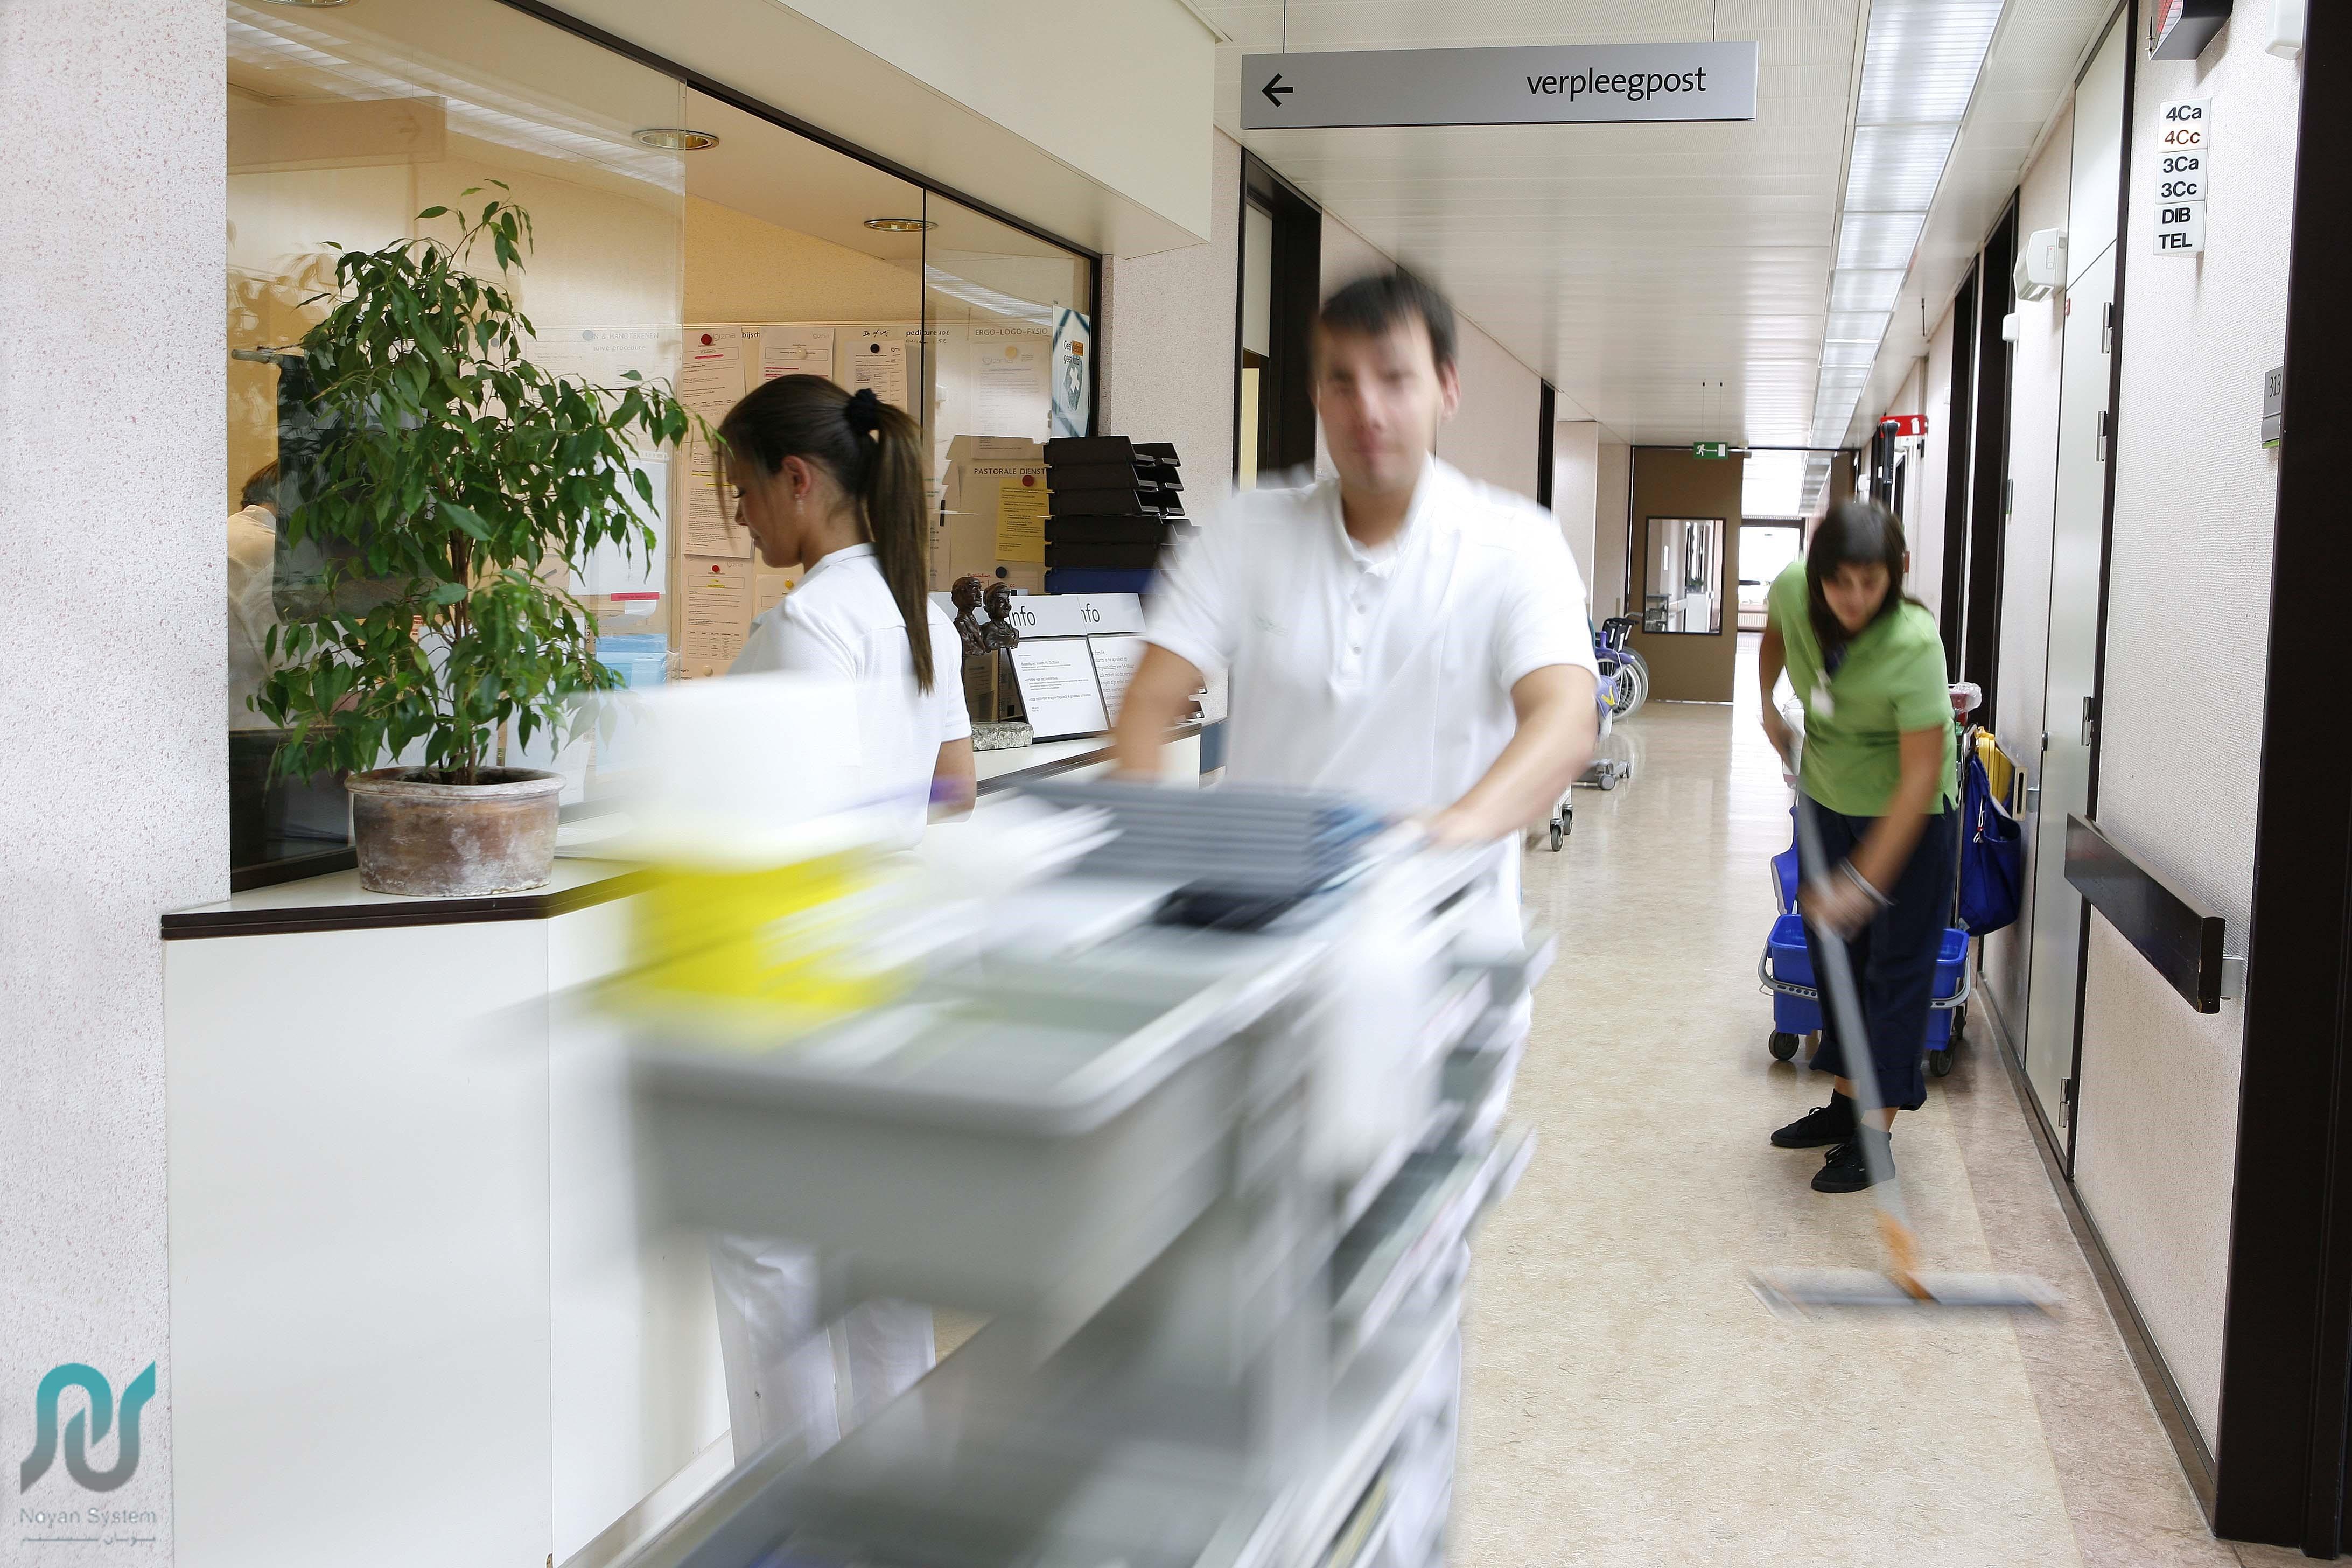 بیمه مسئولیت کارکنان کارمندان و کارفرمایان